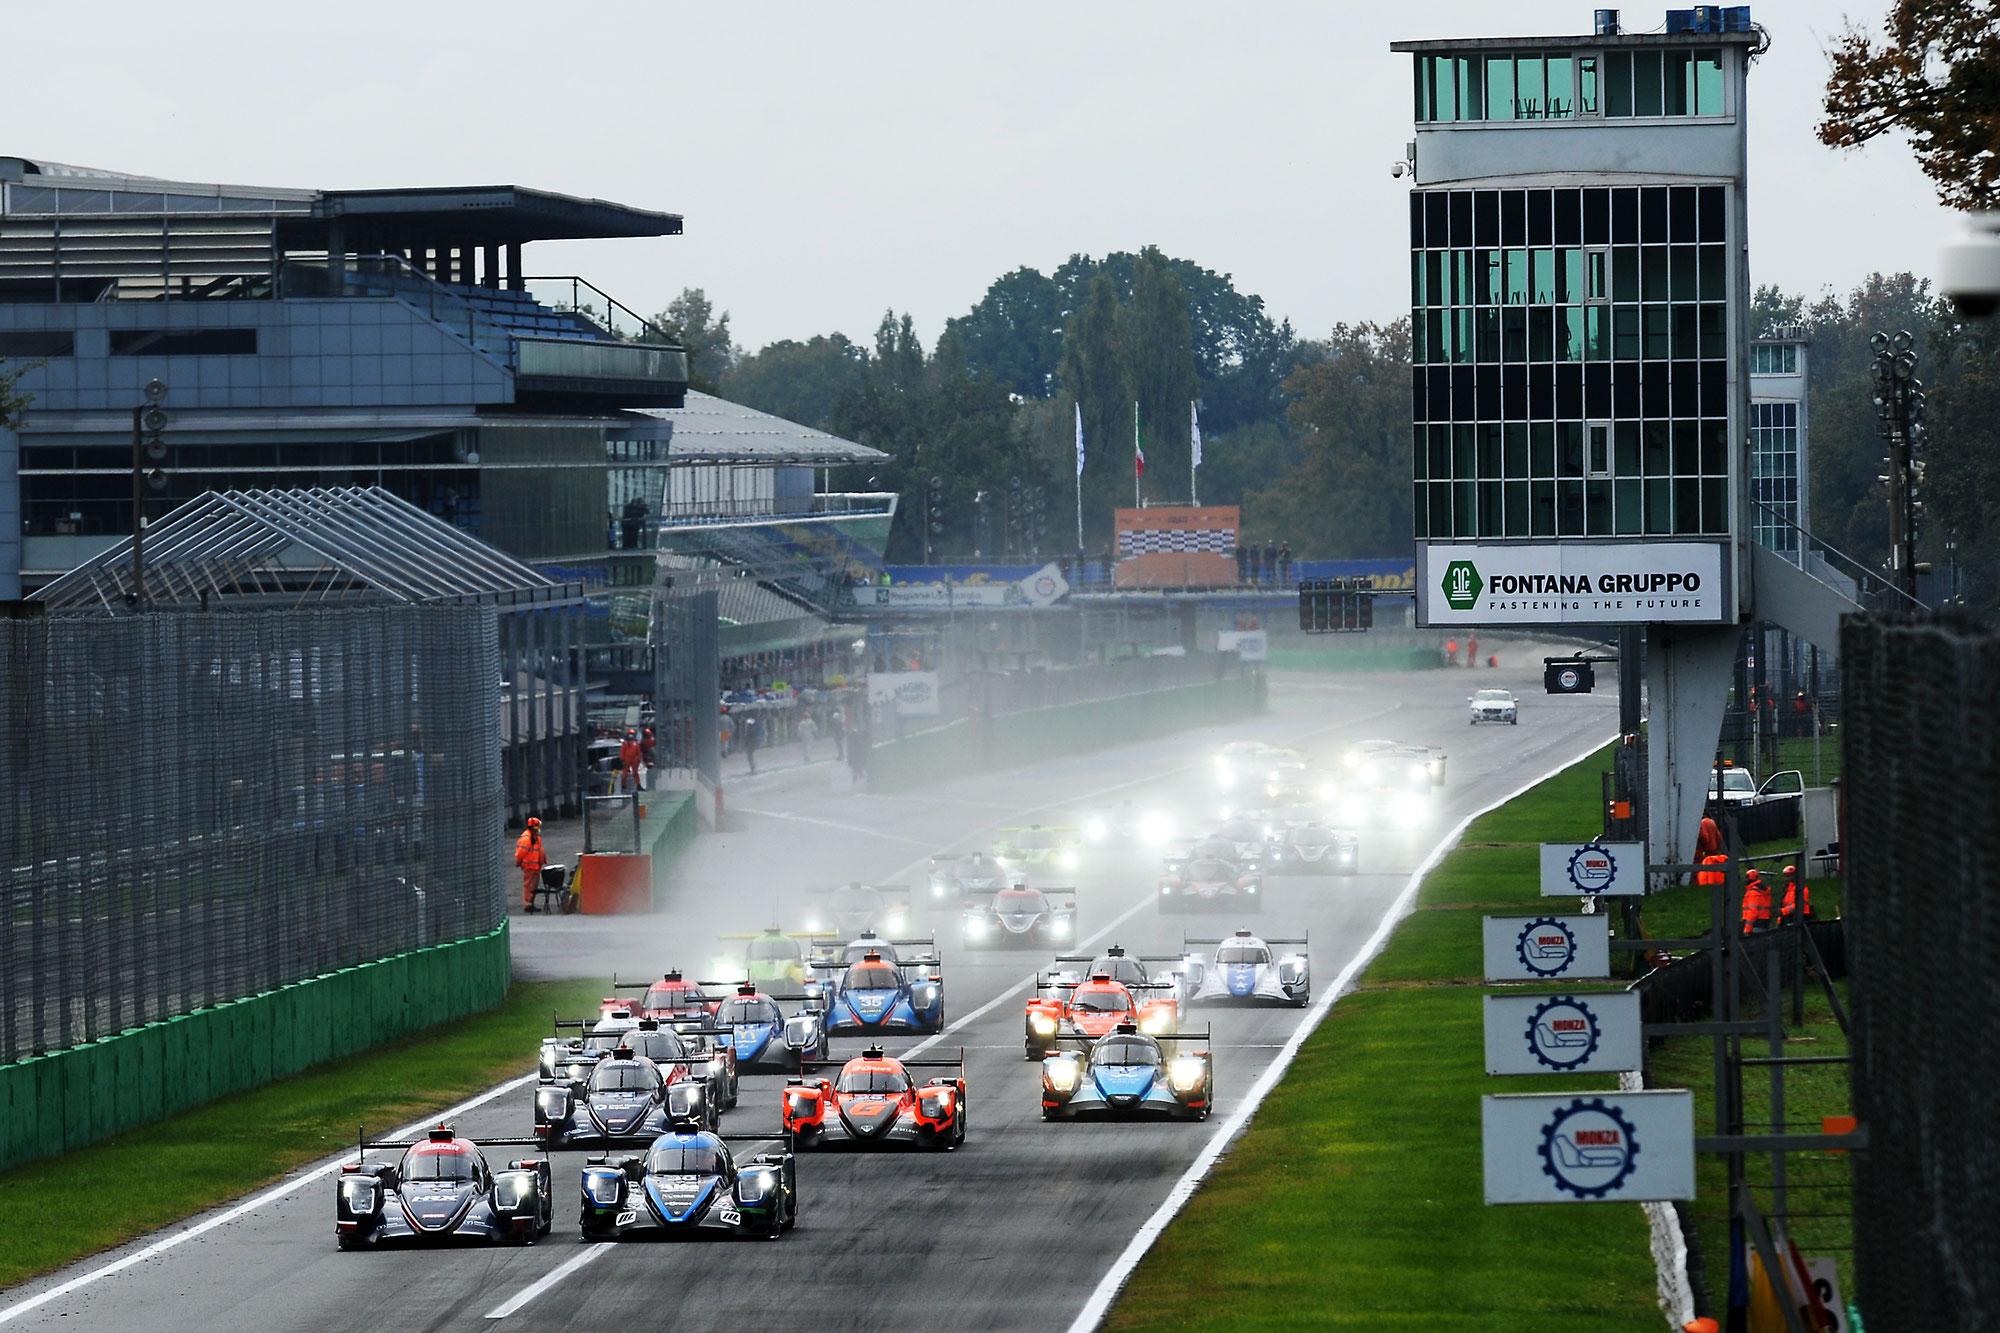 44 Fahrzeuge starten beim vierten Saisonrennen der ELMS in Monza